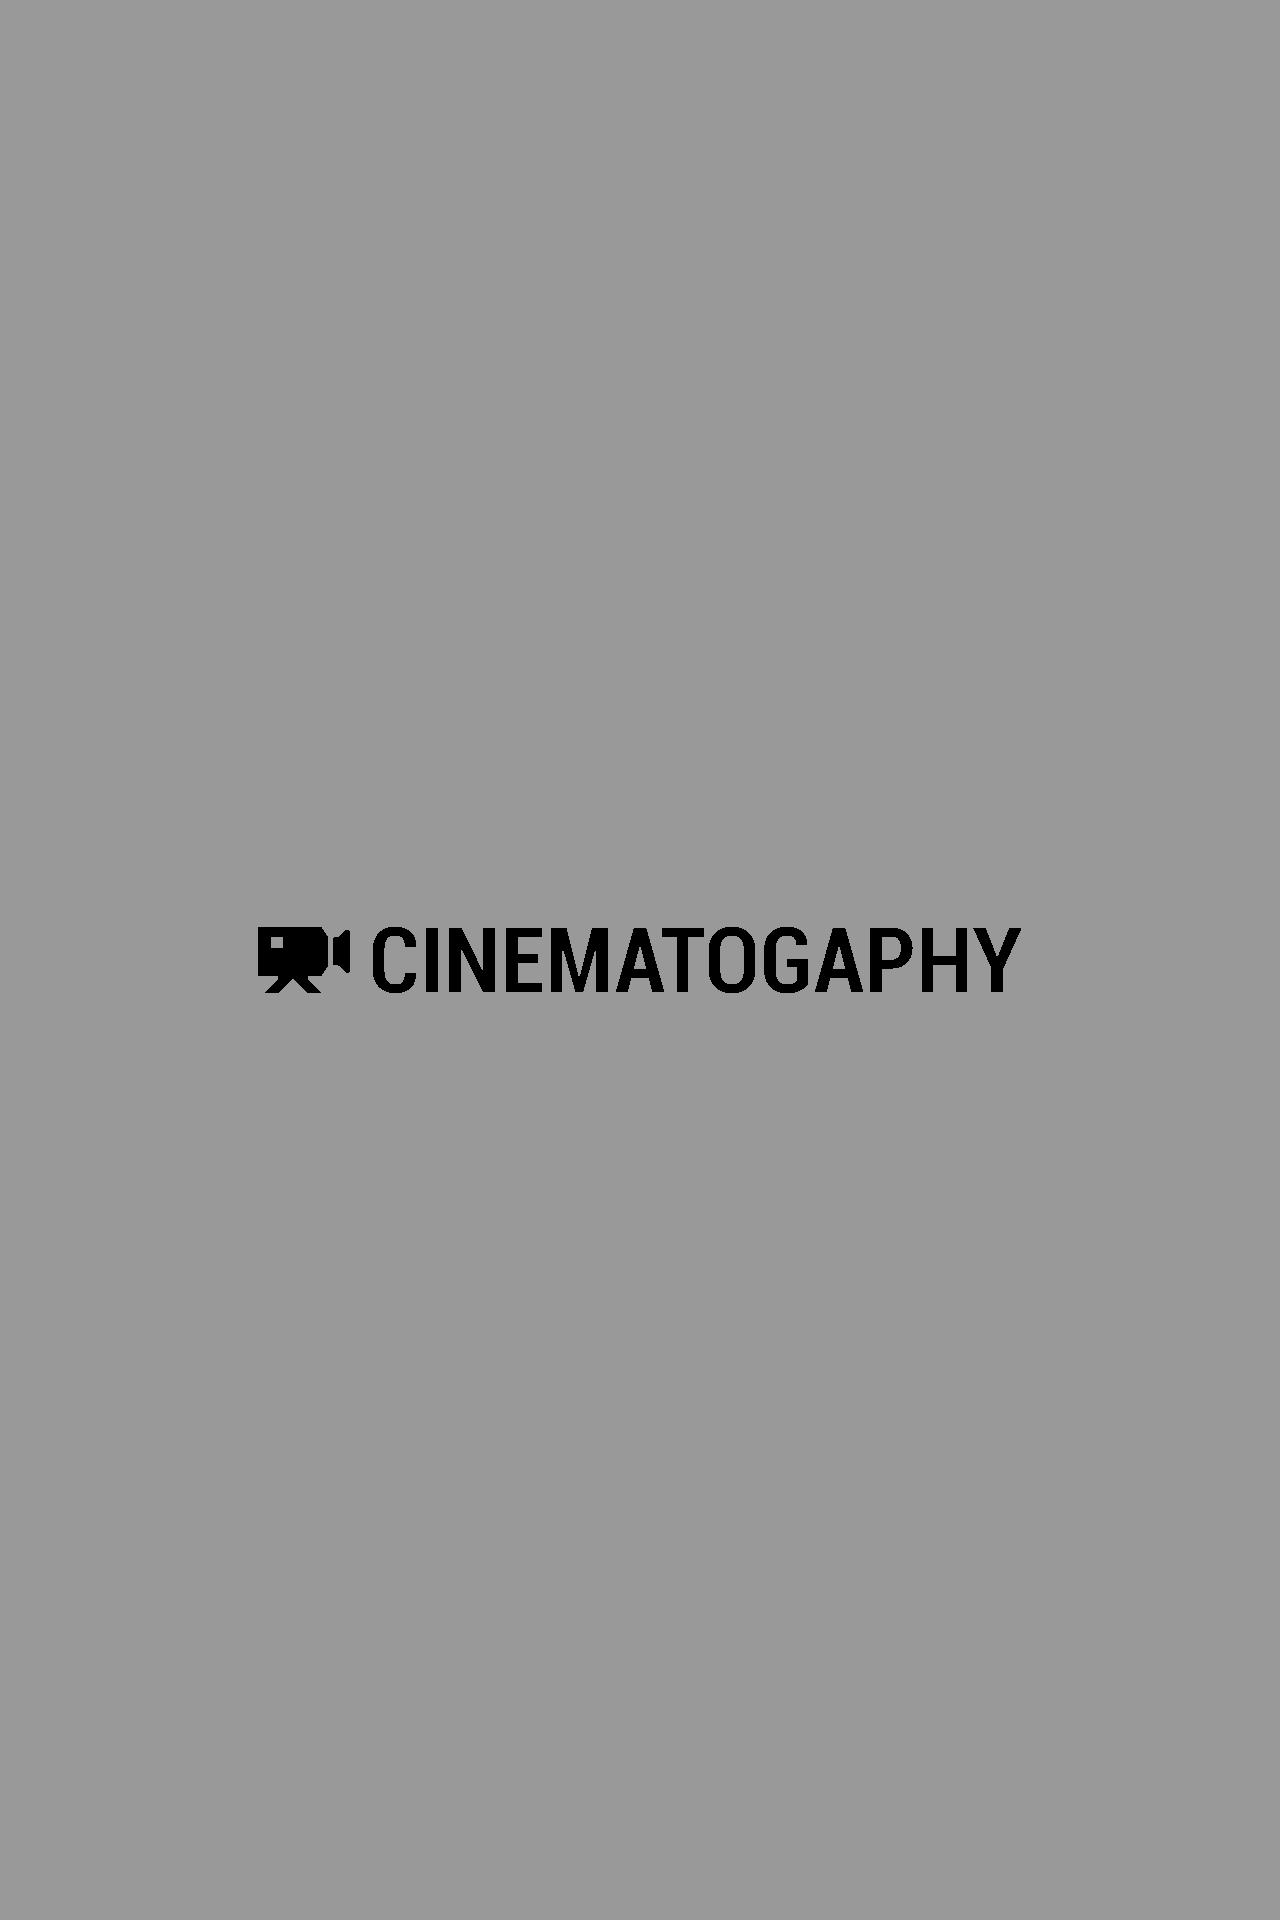 Blog---Cinematography---Test.png